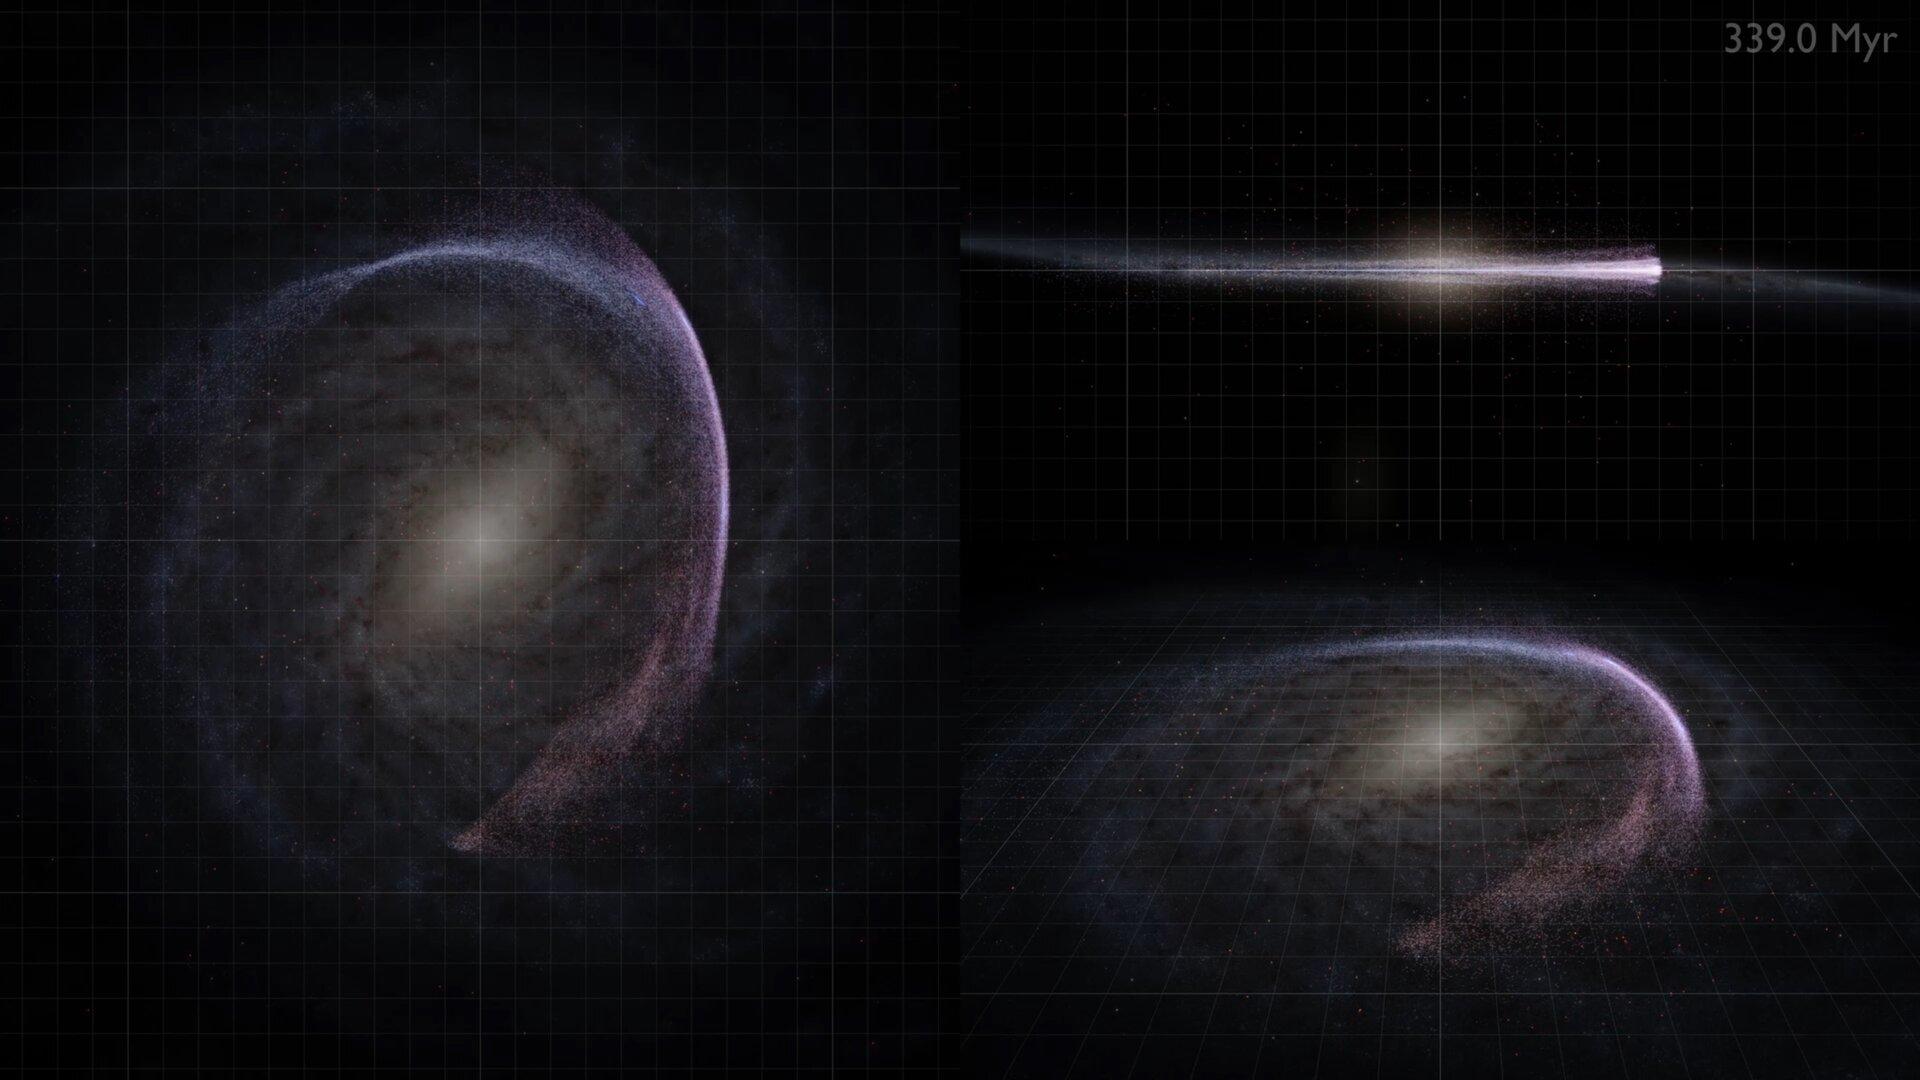 Кадр из анимации, показывающей орбиты ближайших звезд вокруг центра галактики